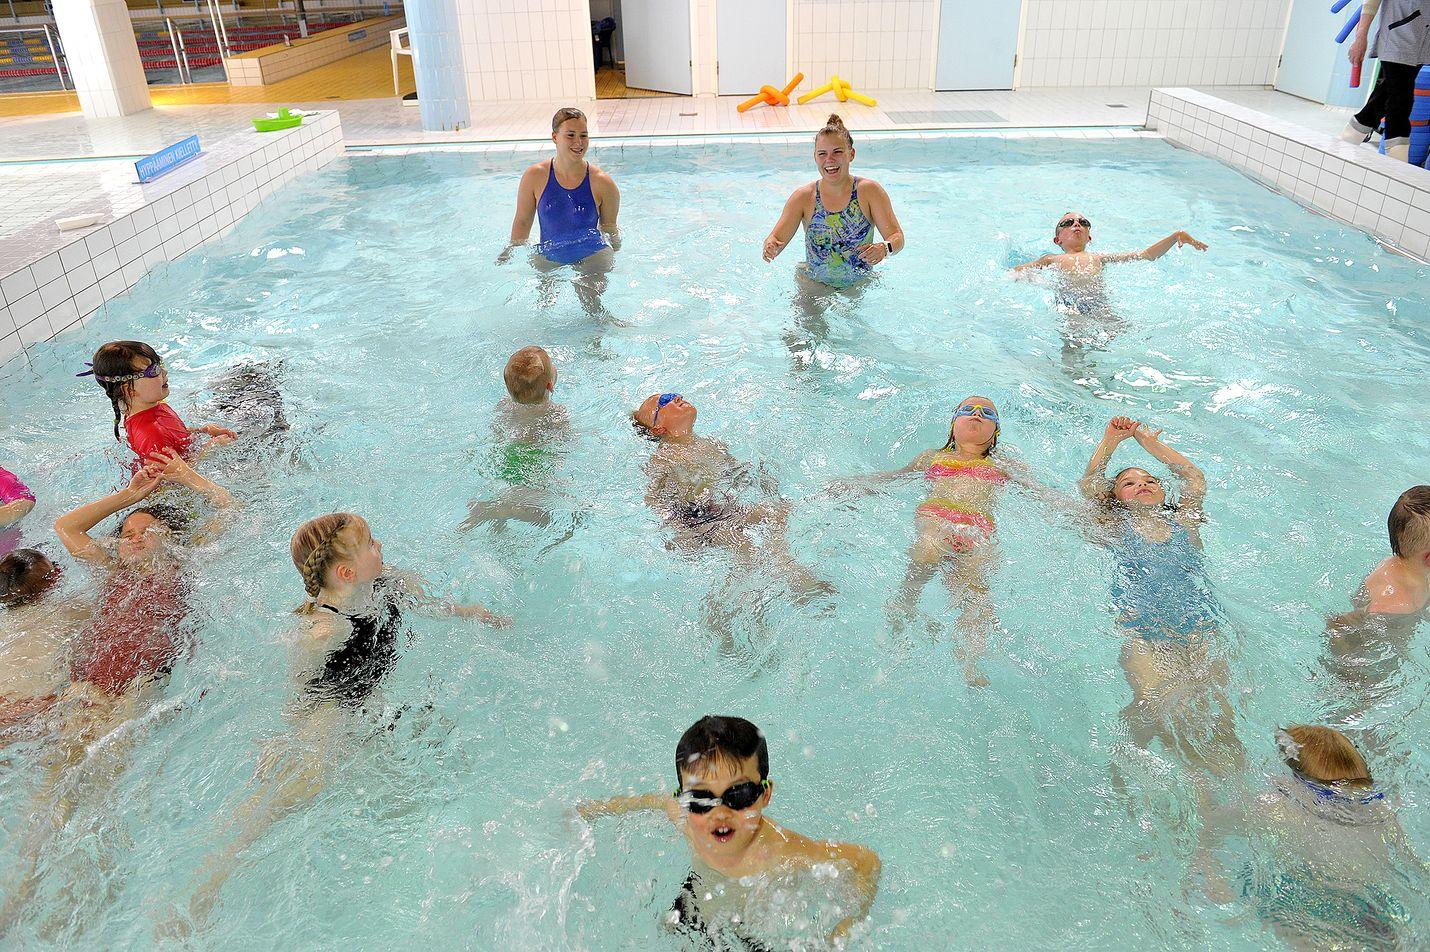 Sofia Sahlberg ja Kerttu Soinila vetivät kaupungin uimakouluryhmää lapsille maanantaina Rauman uimahallissa. Tässä alkeis- ja alkeisjatkoryhmässä pulikoi yhteensä parikymmentä uimamaisterinalkua. Kuva: Juha Sinisalo